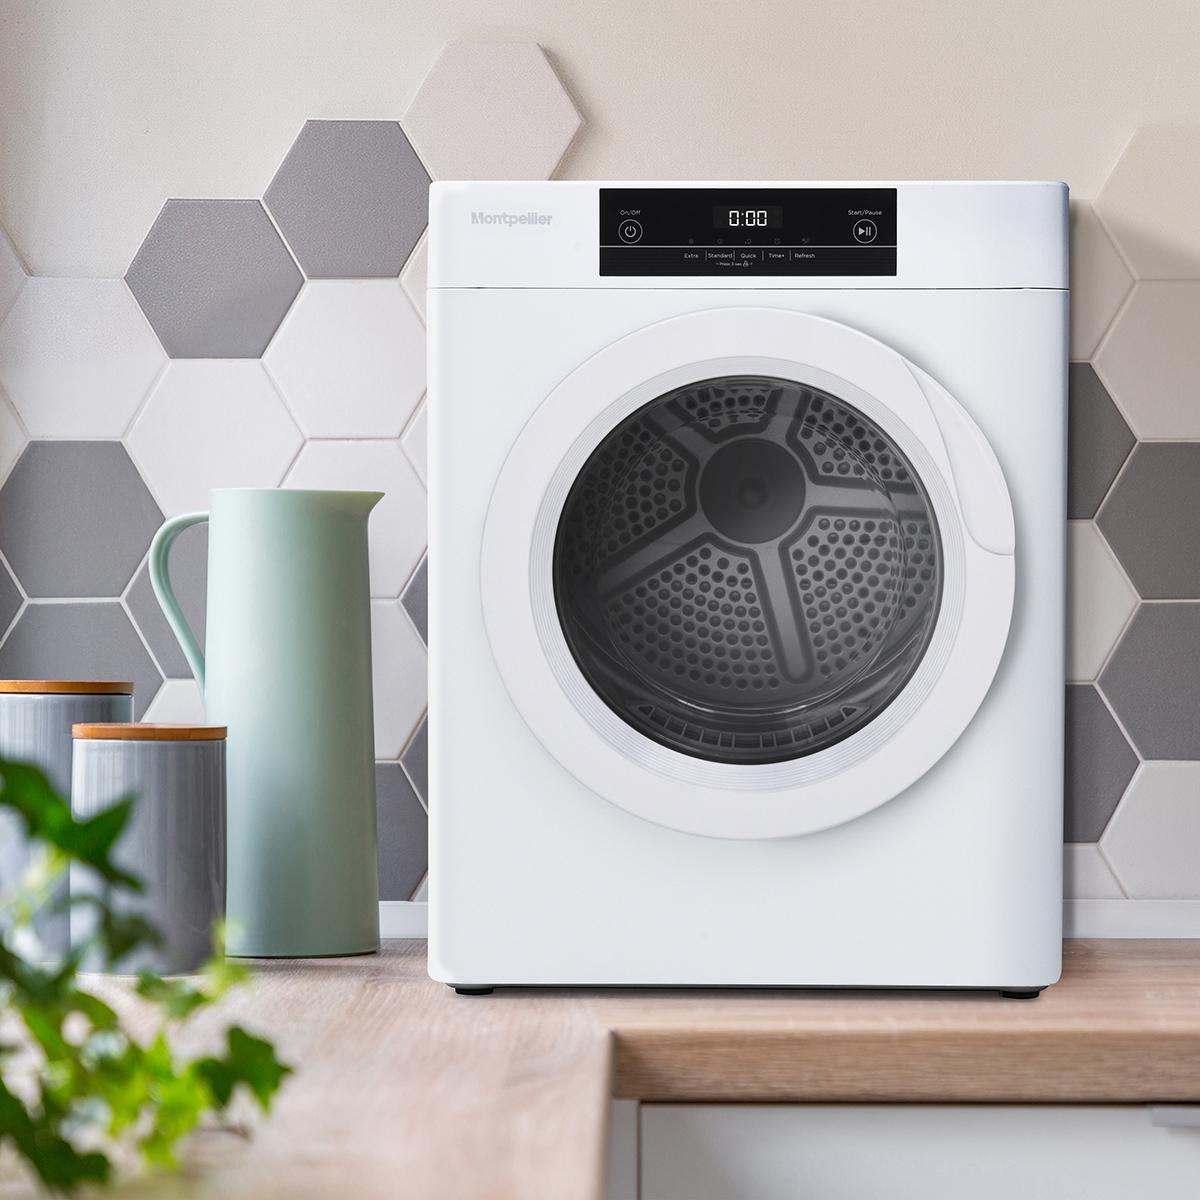 Montpellier Mtd30p 3kg Compact Tumble Dryer Montpellier Domestic Appliances Ltd